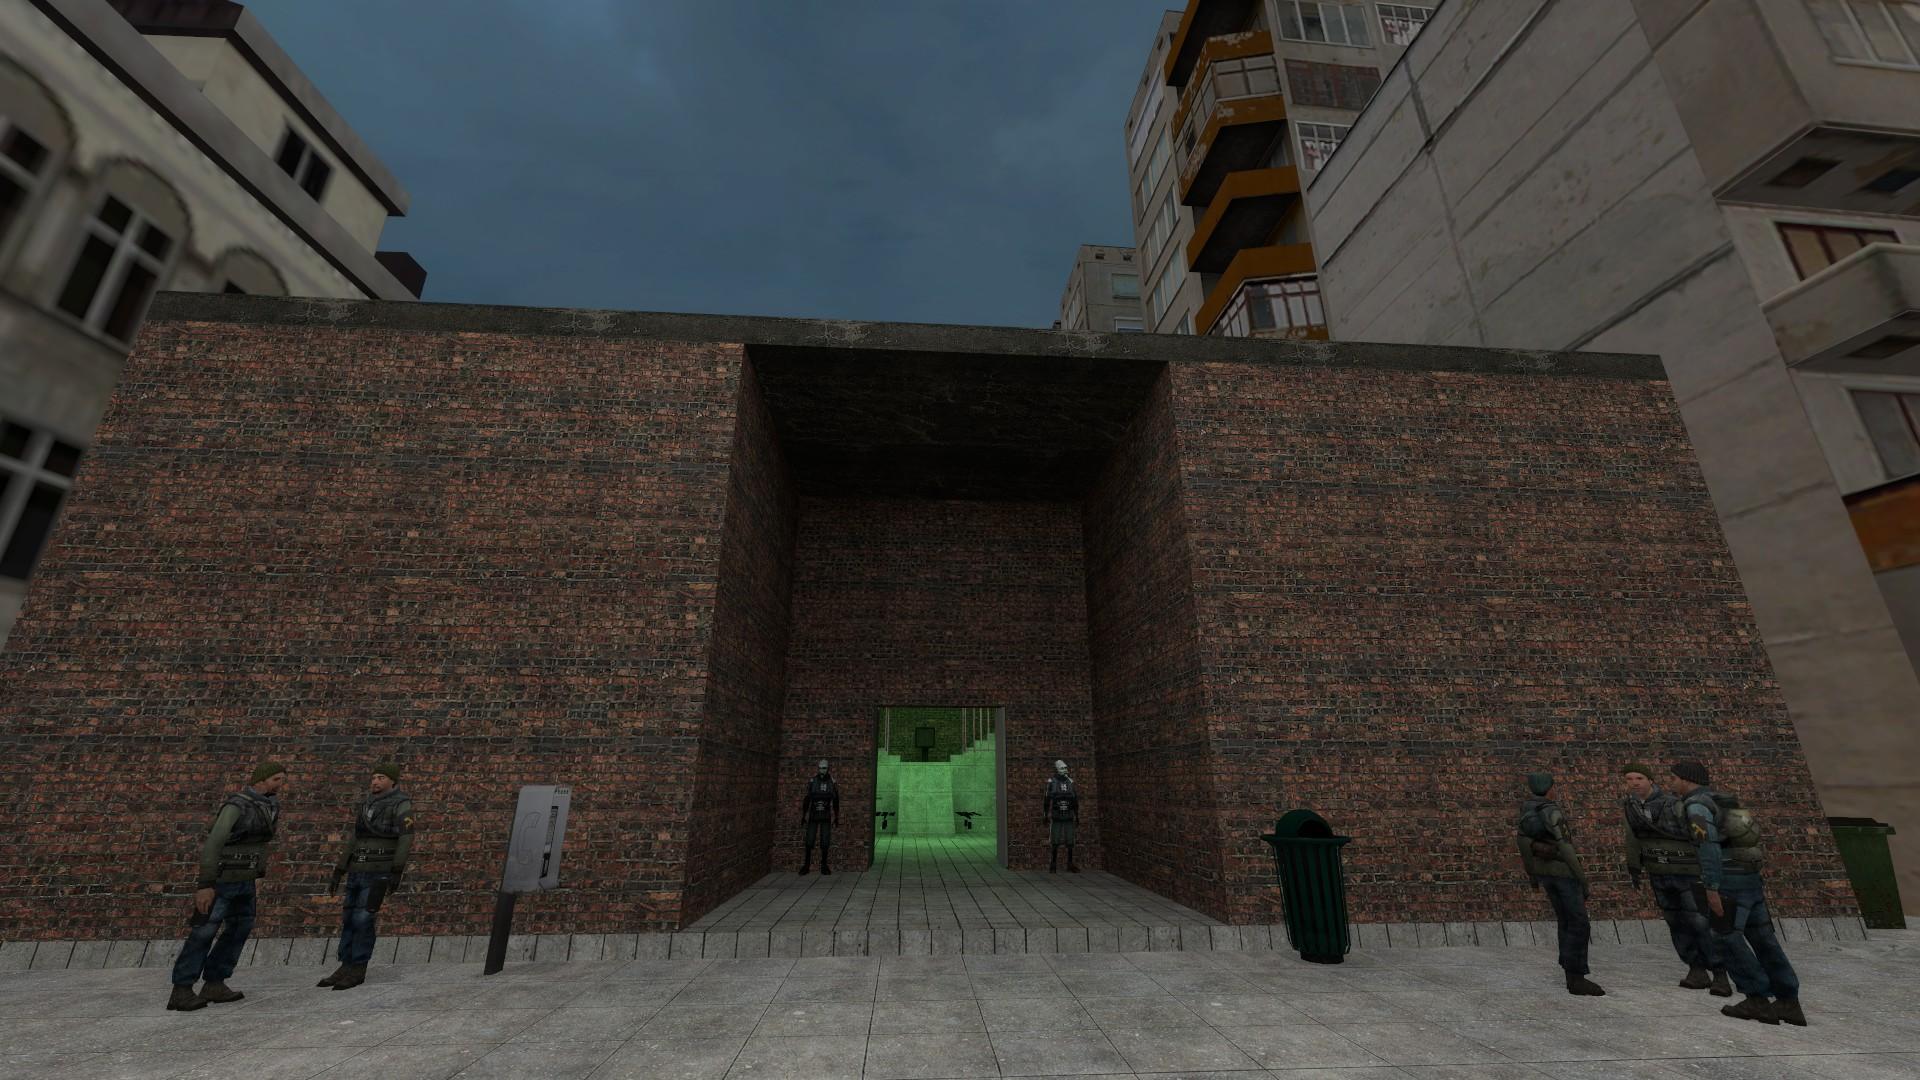 Модмейкер создаёт игру по фильму 'Матрица' на базе Half-Life 2, уже доступна демо-версия